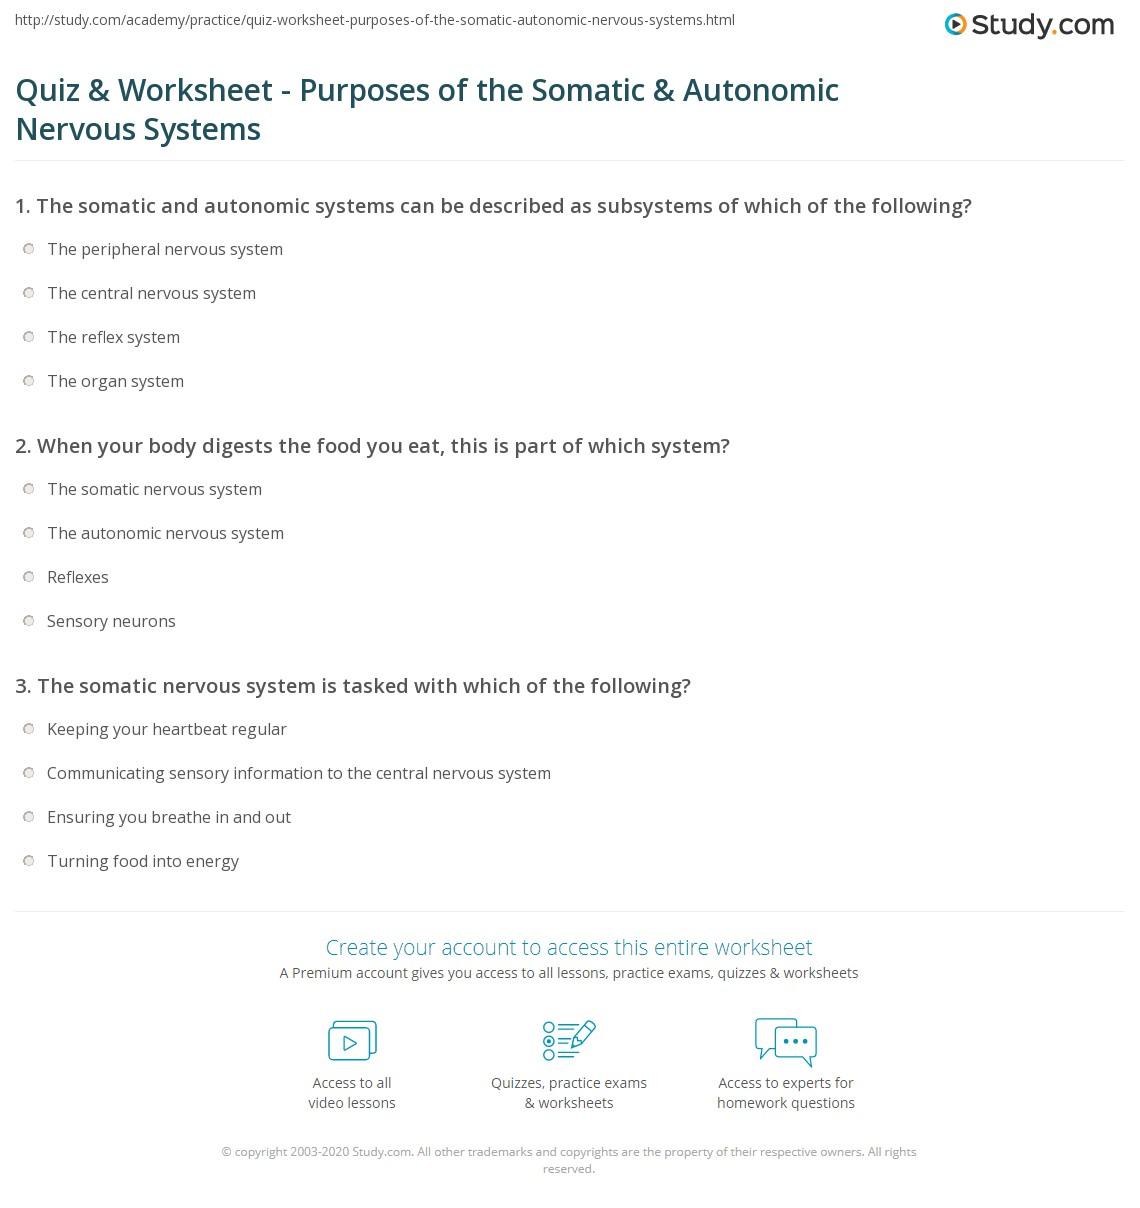 Quiz Worksheet Purposes Of The Somatic Autonomic Nervous